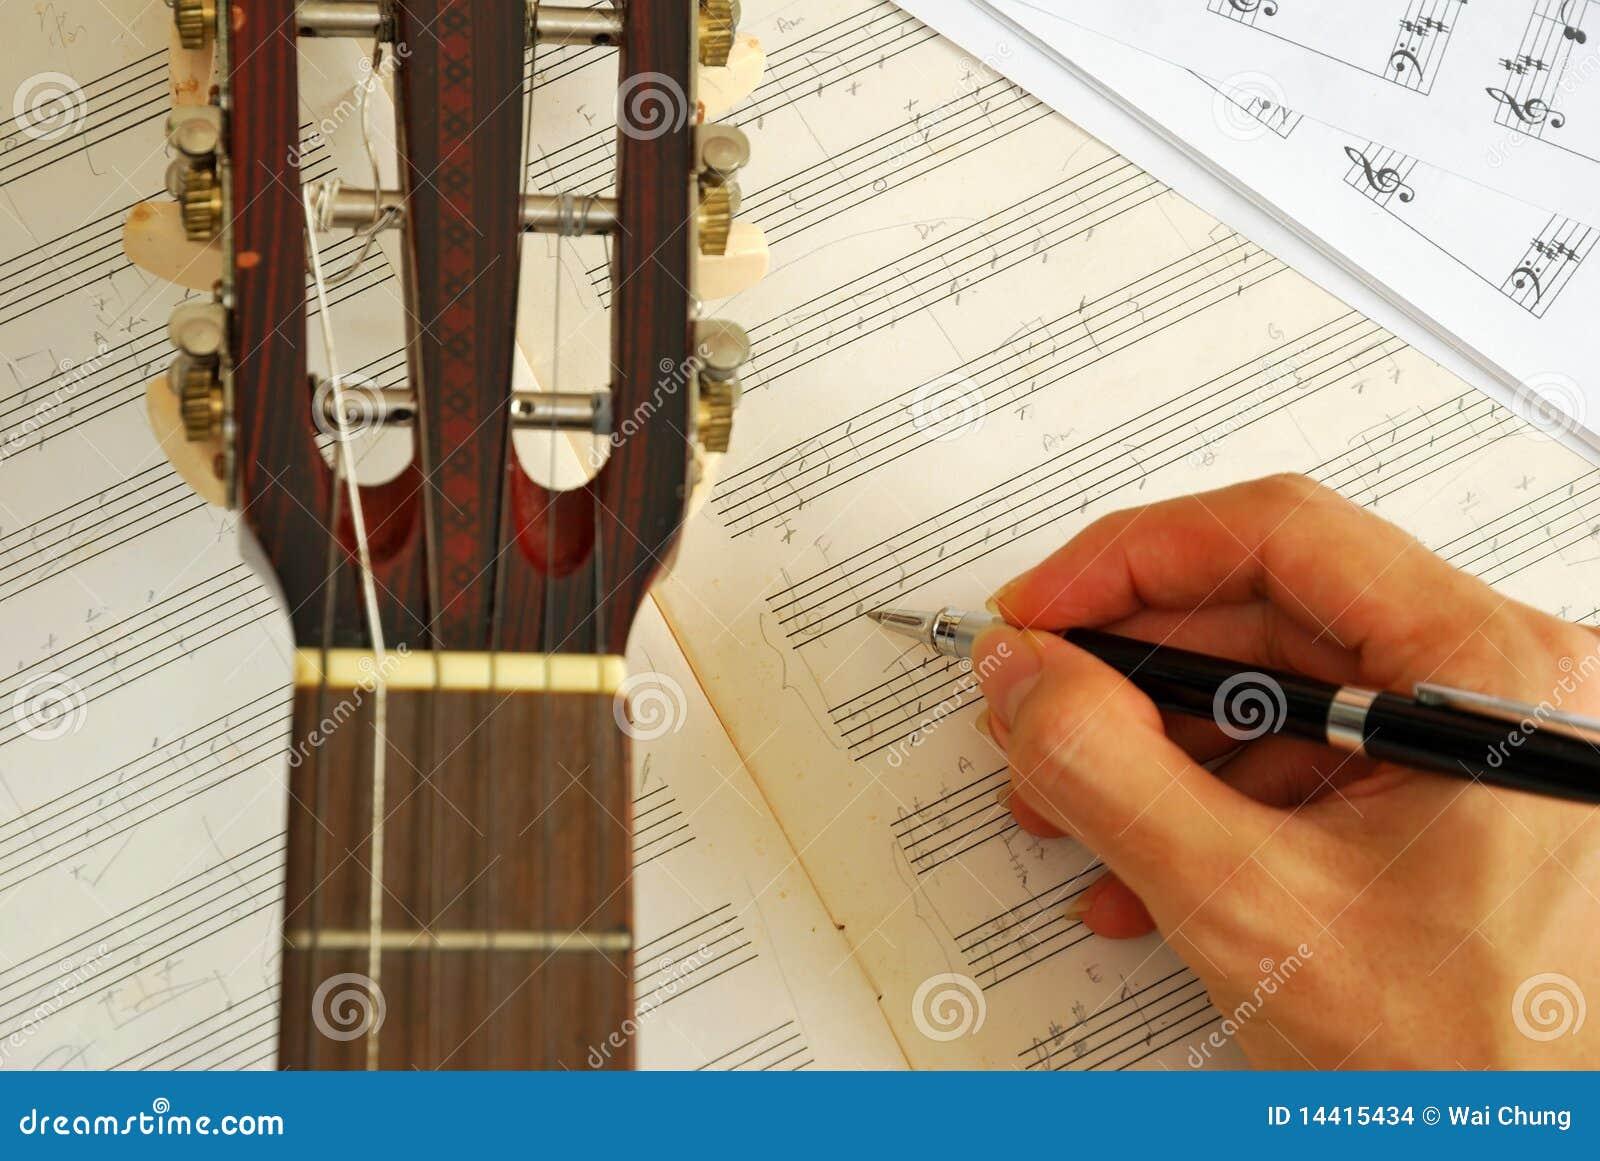 Gitarre mit Handbestehender Musik auf Manuskript